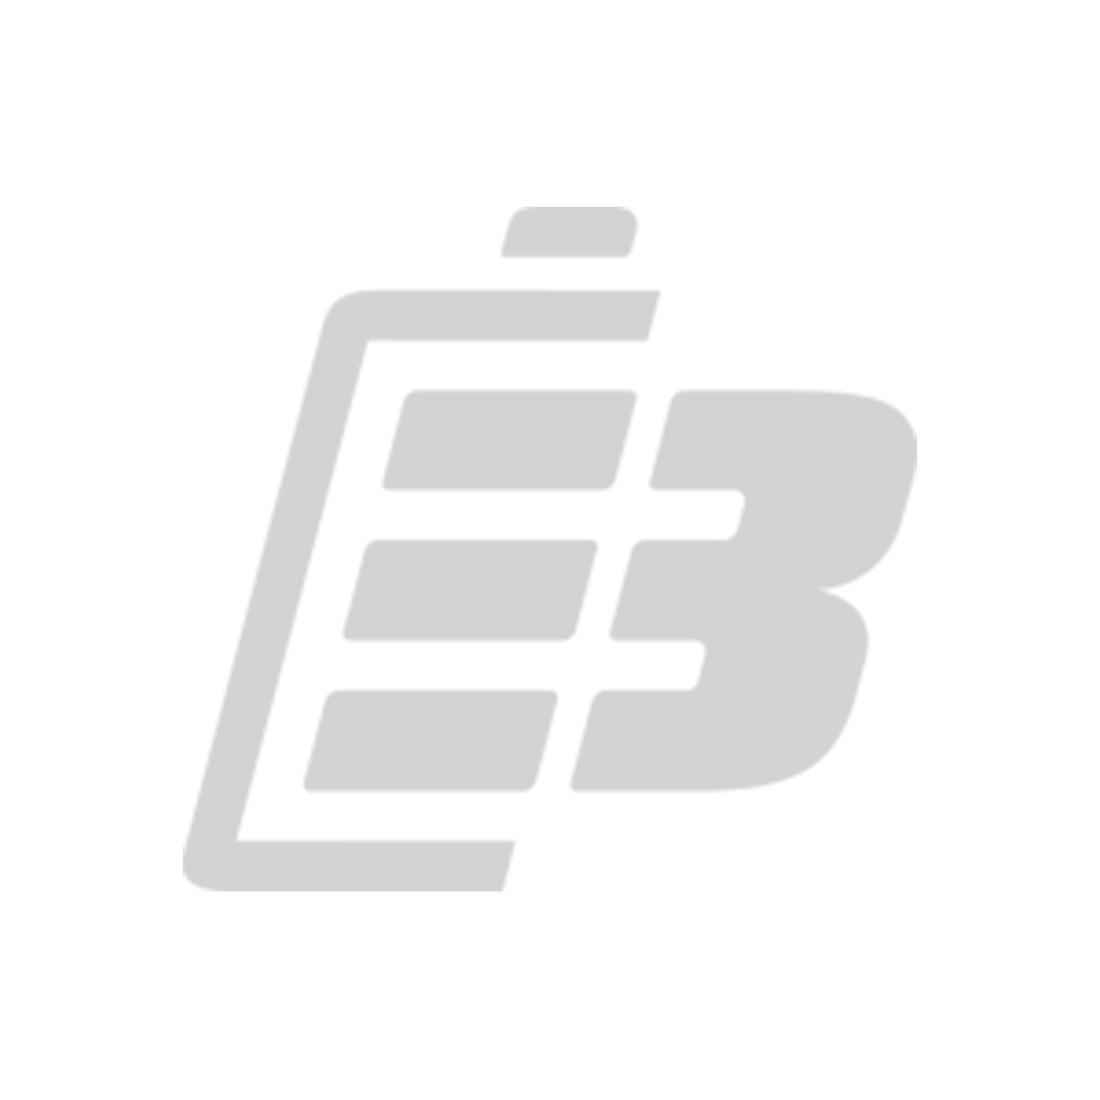 Cordless phone battery Siemens Gigaset A120_1